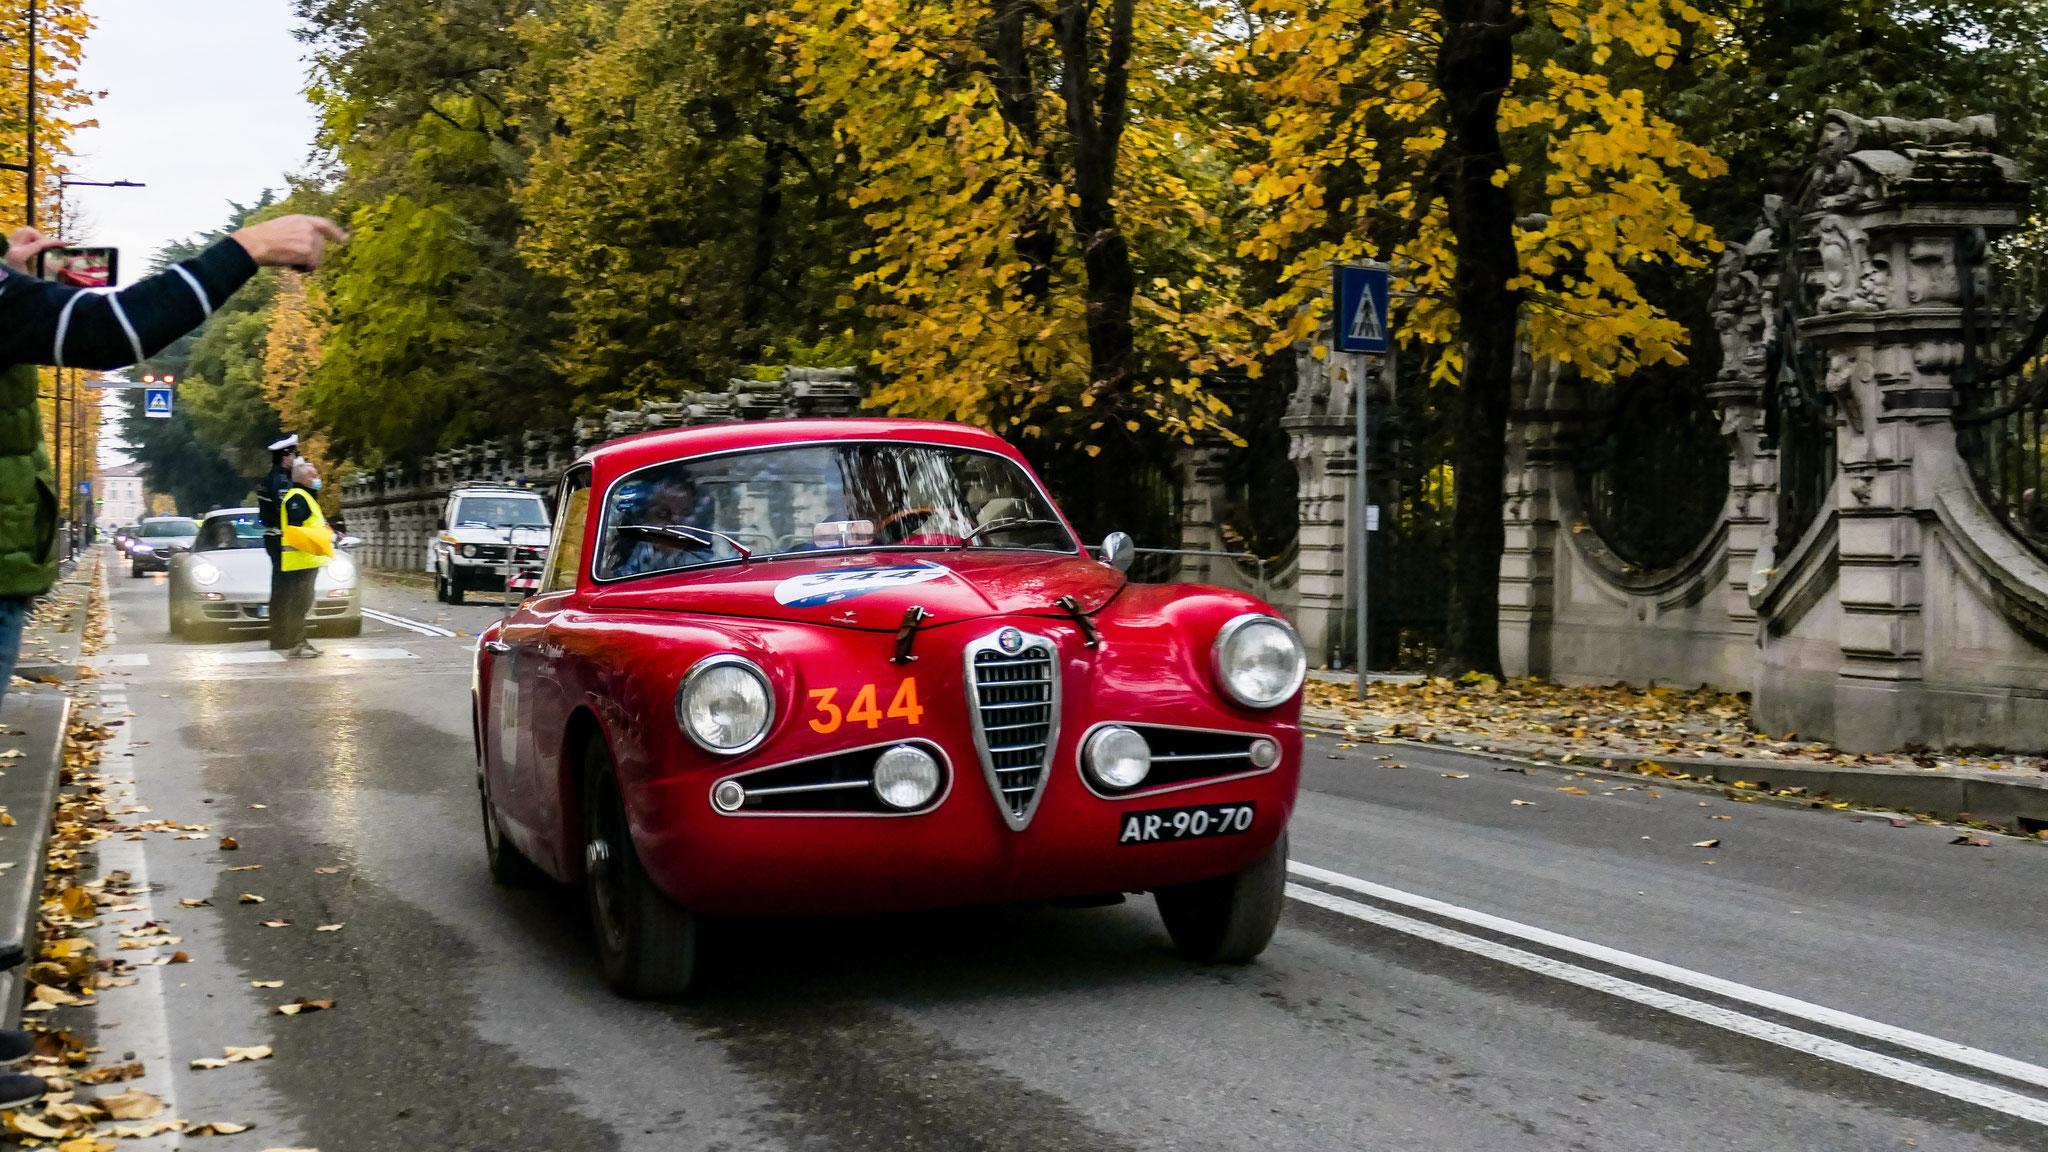 Alfa Romeo 1900C Super Sprint Touring - AR-90-70 (NL)